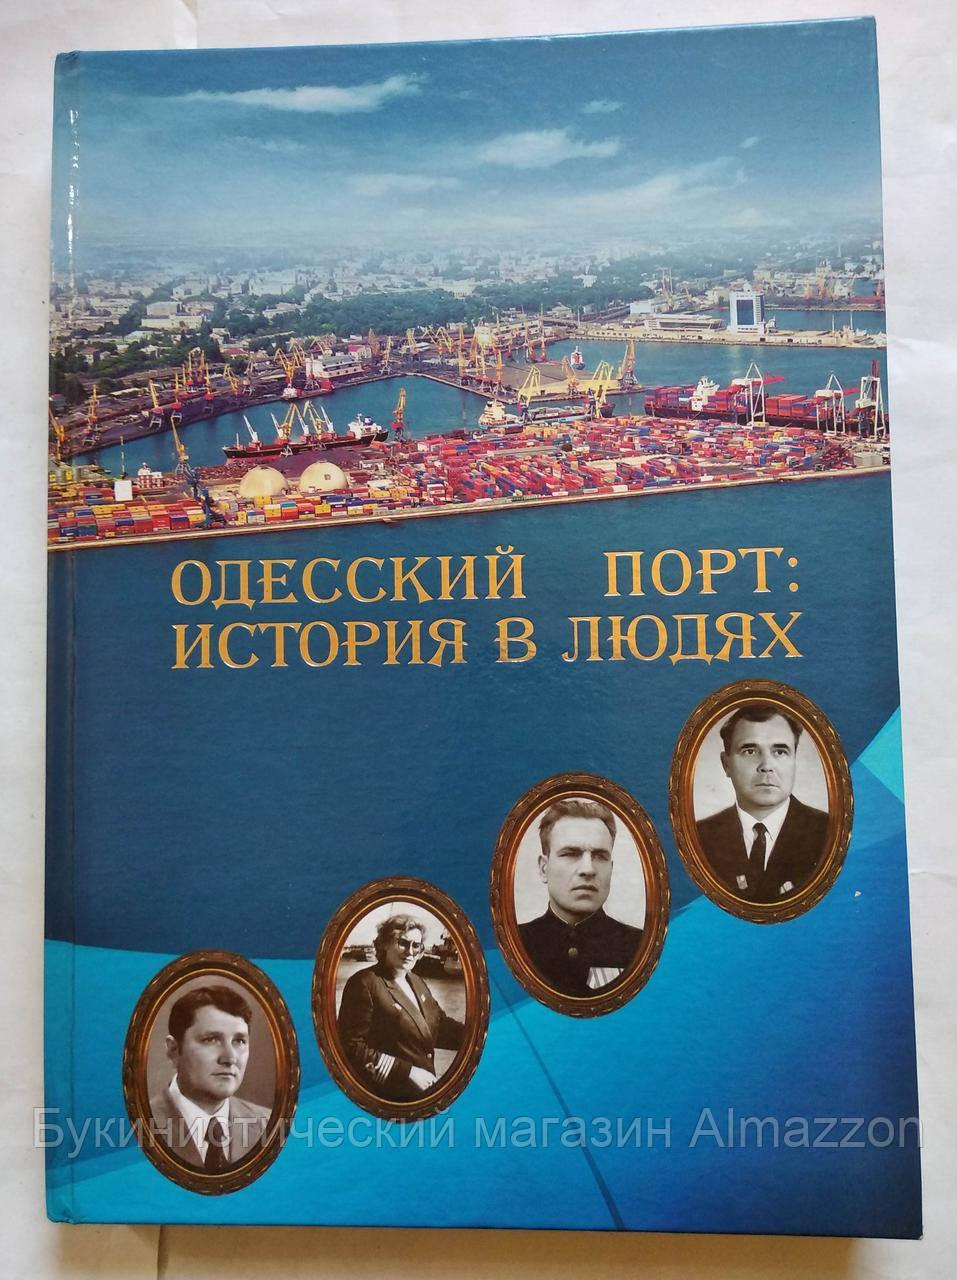 Одесский порт: история в людях